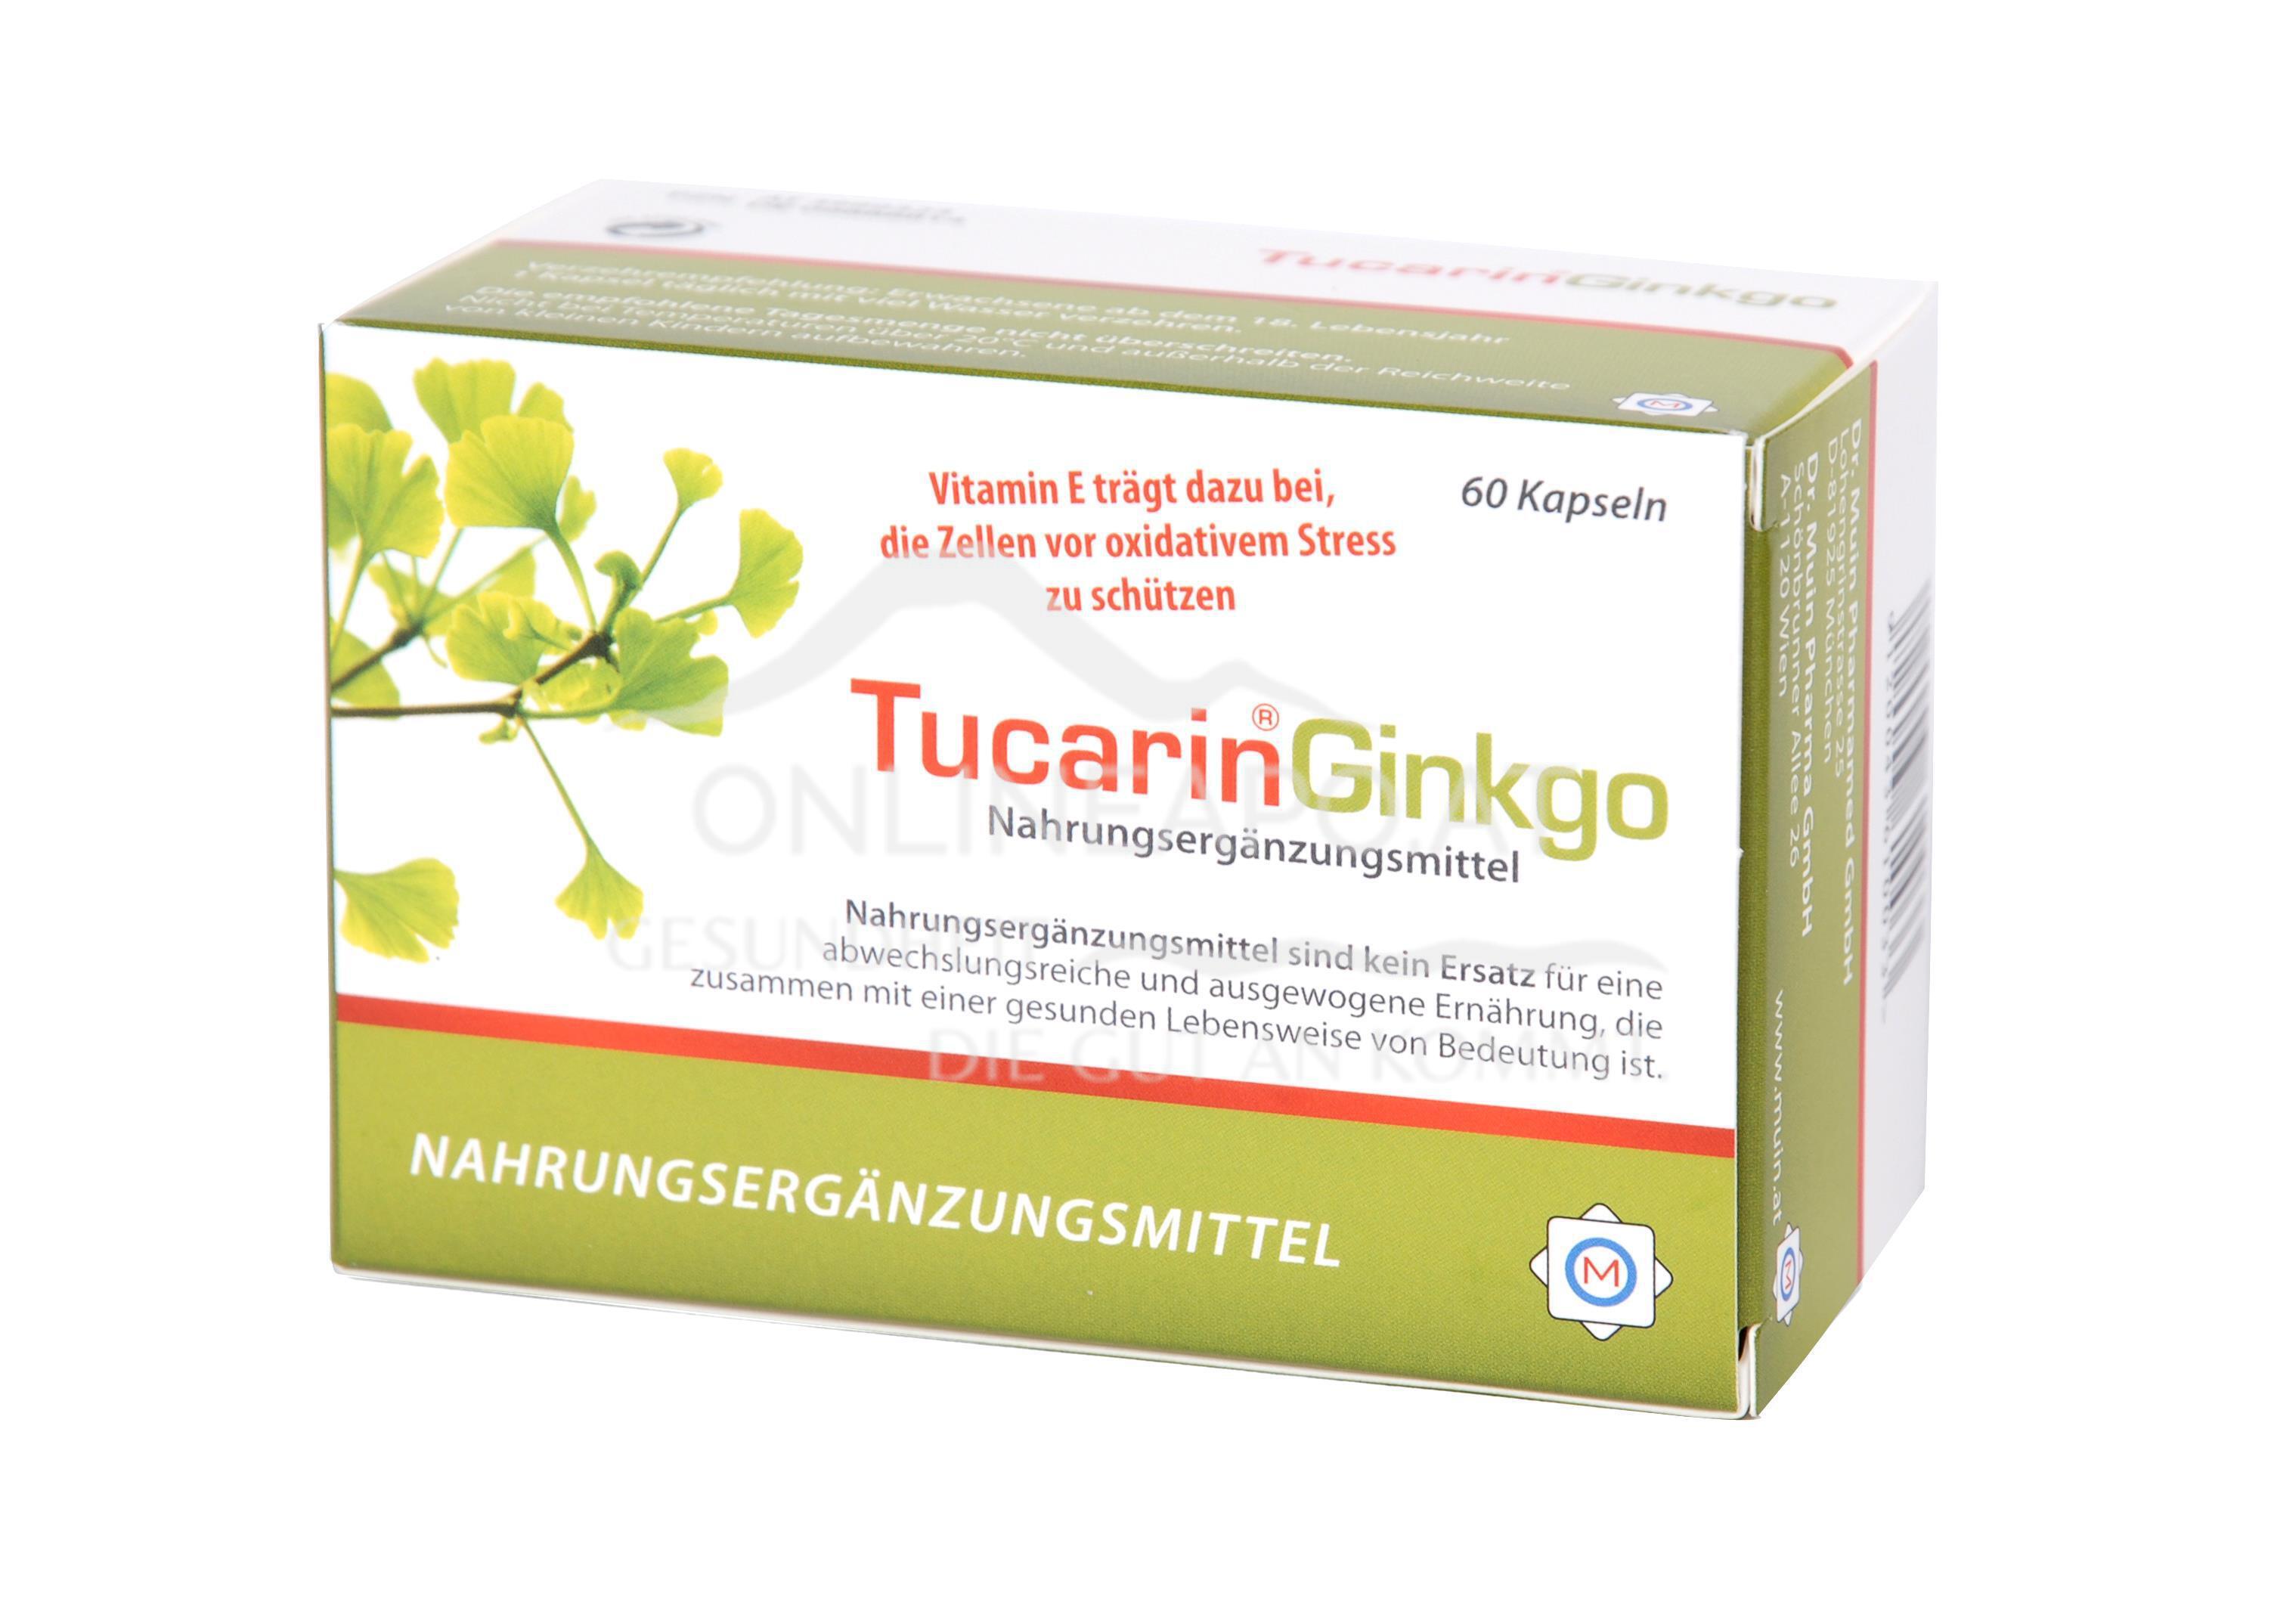 Tucarin Ginkgo